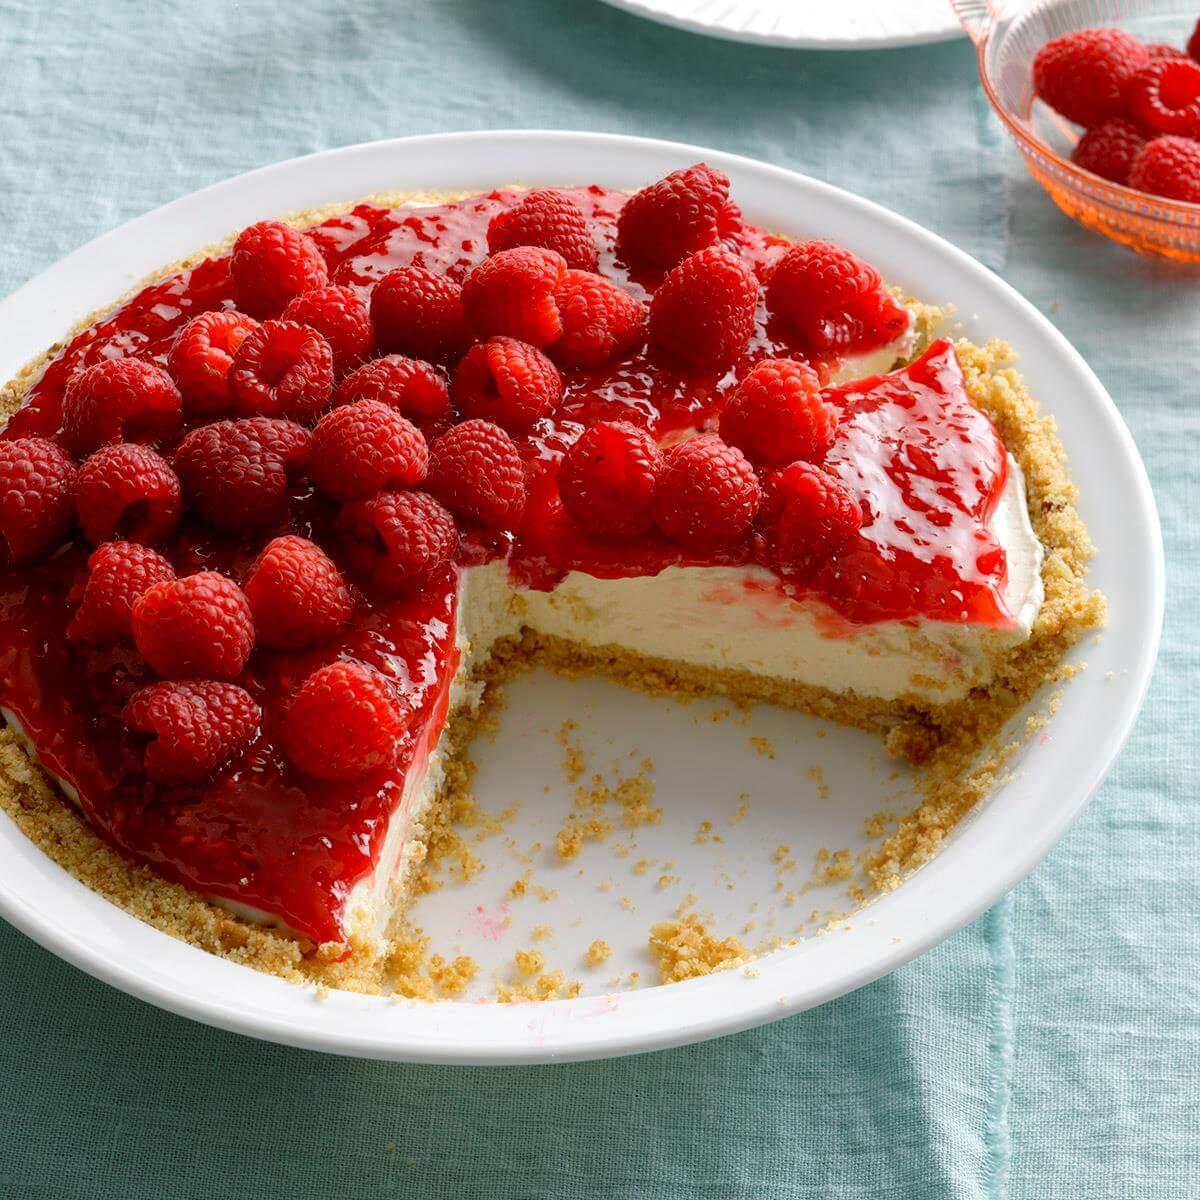 картинки с малиновым пирогом откроет список